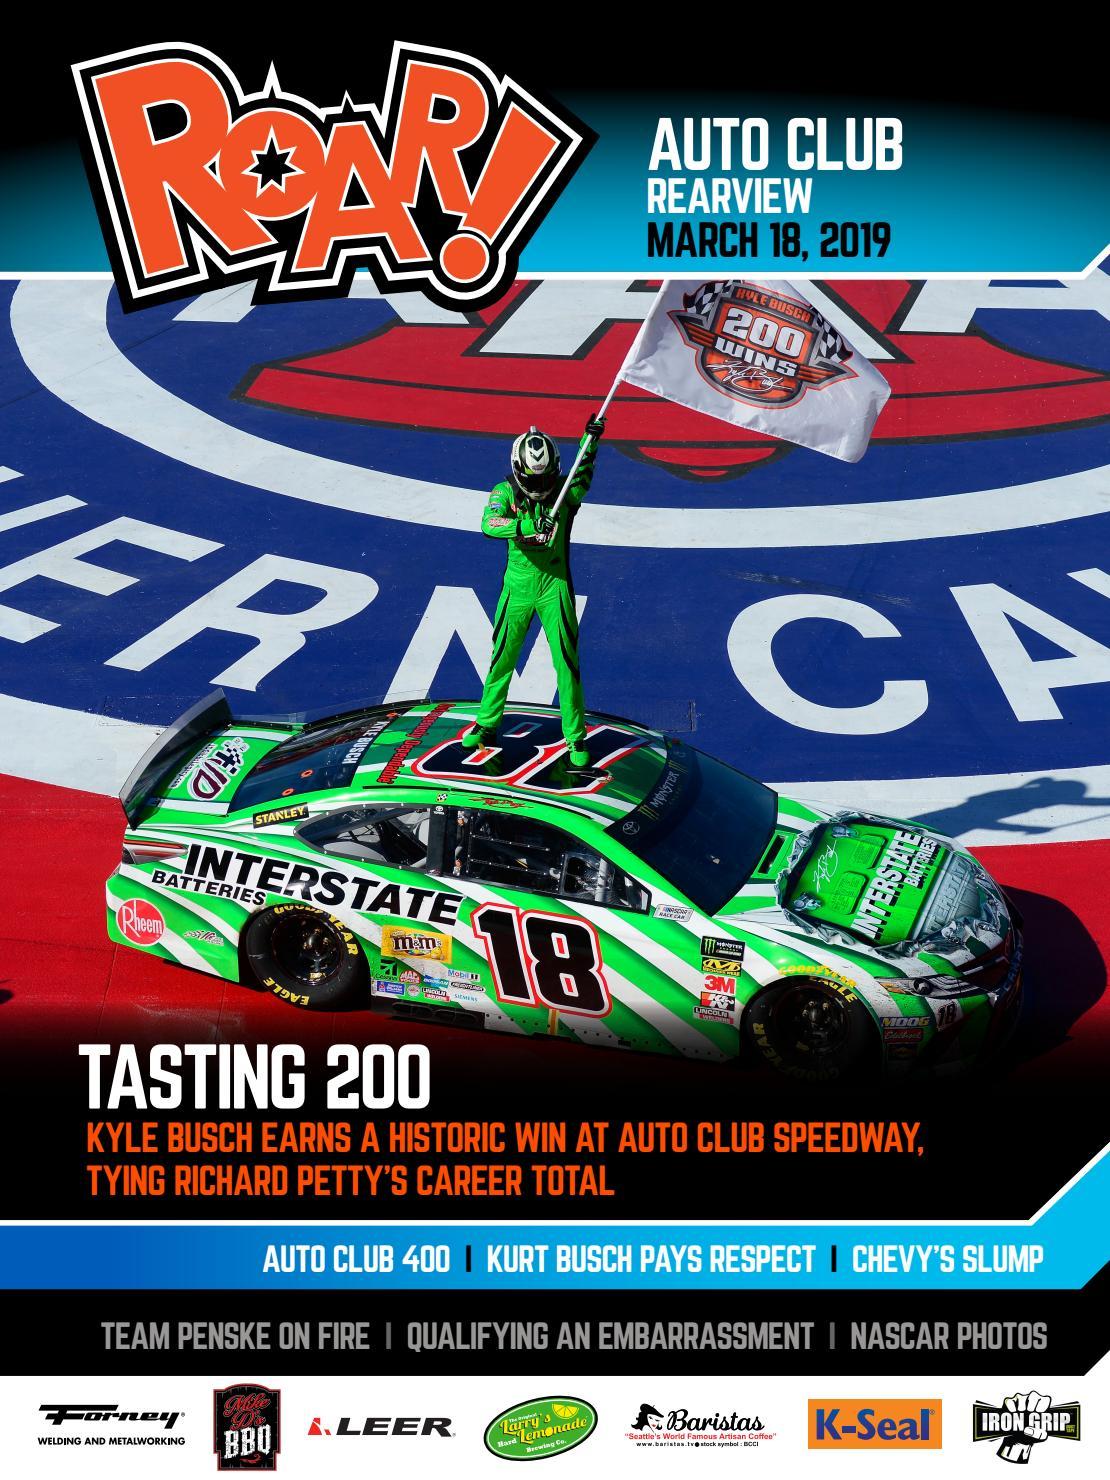 Roar 2019 Auto Club In March Rearview